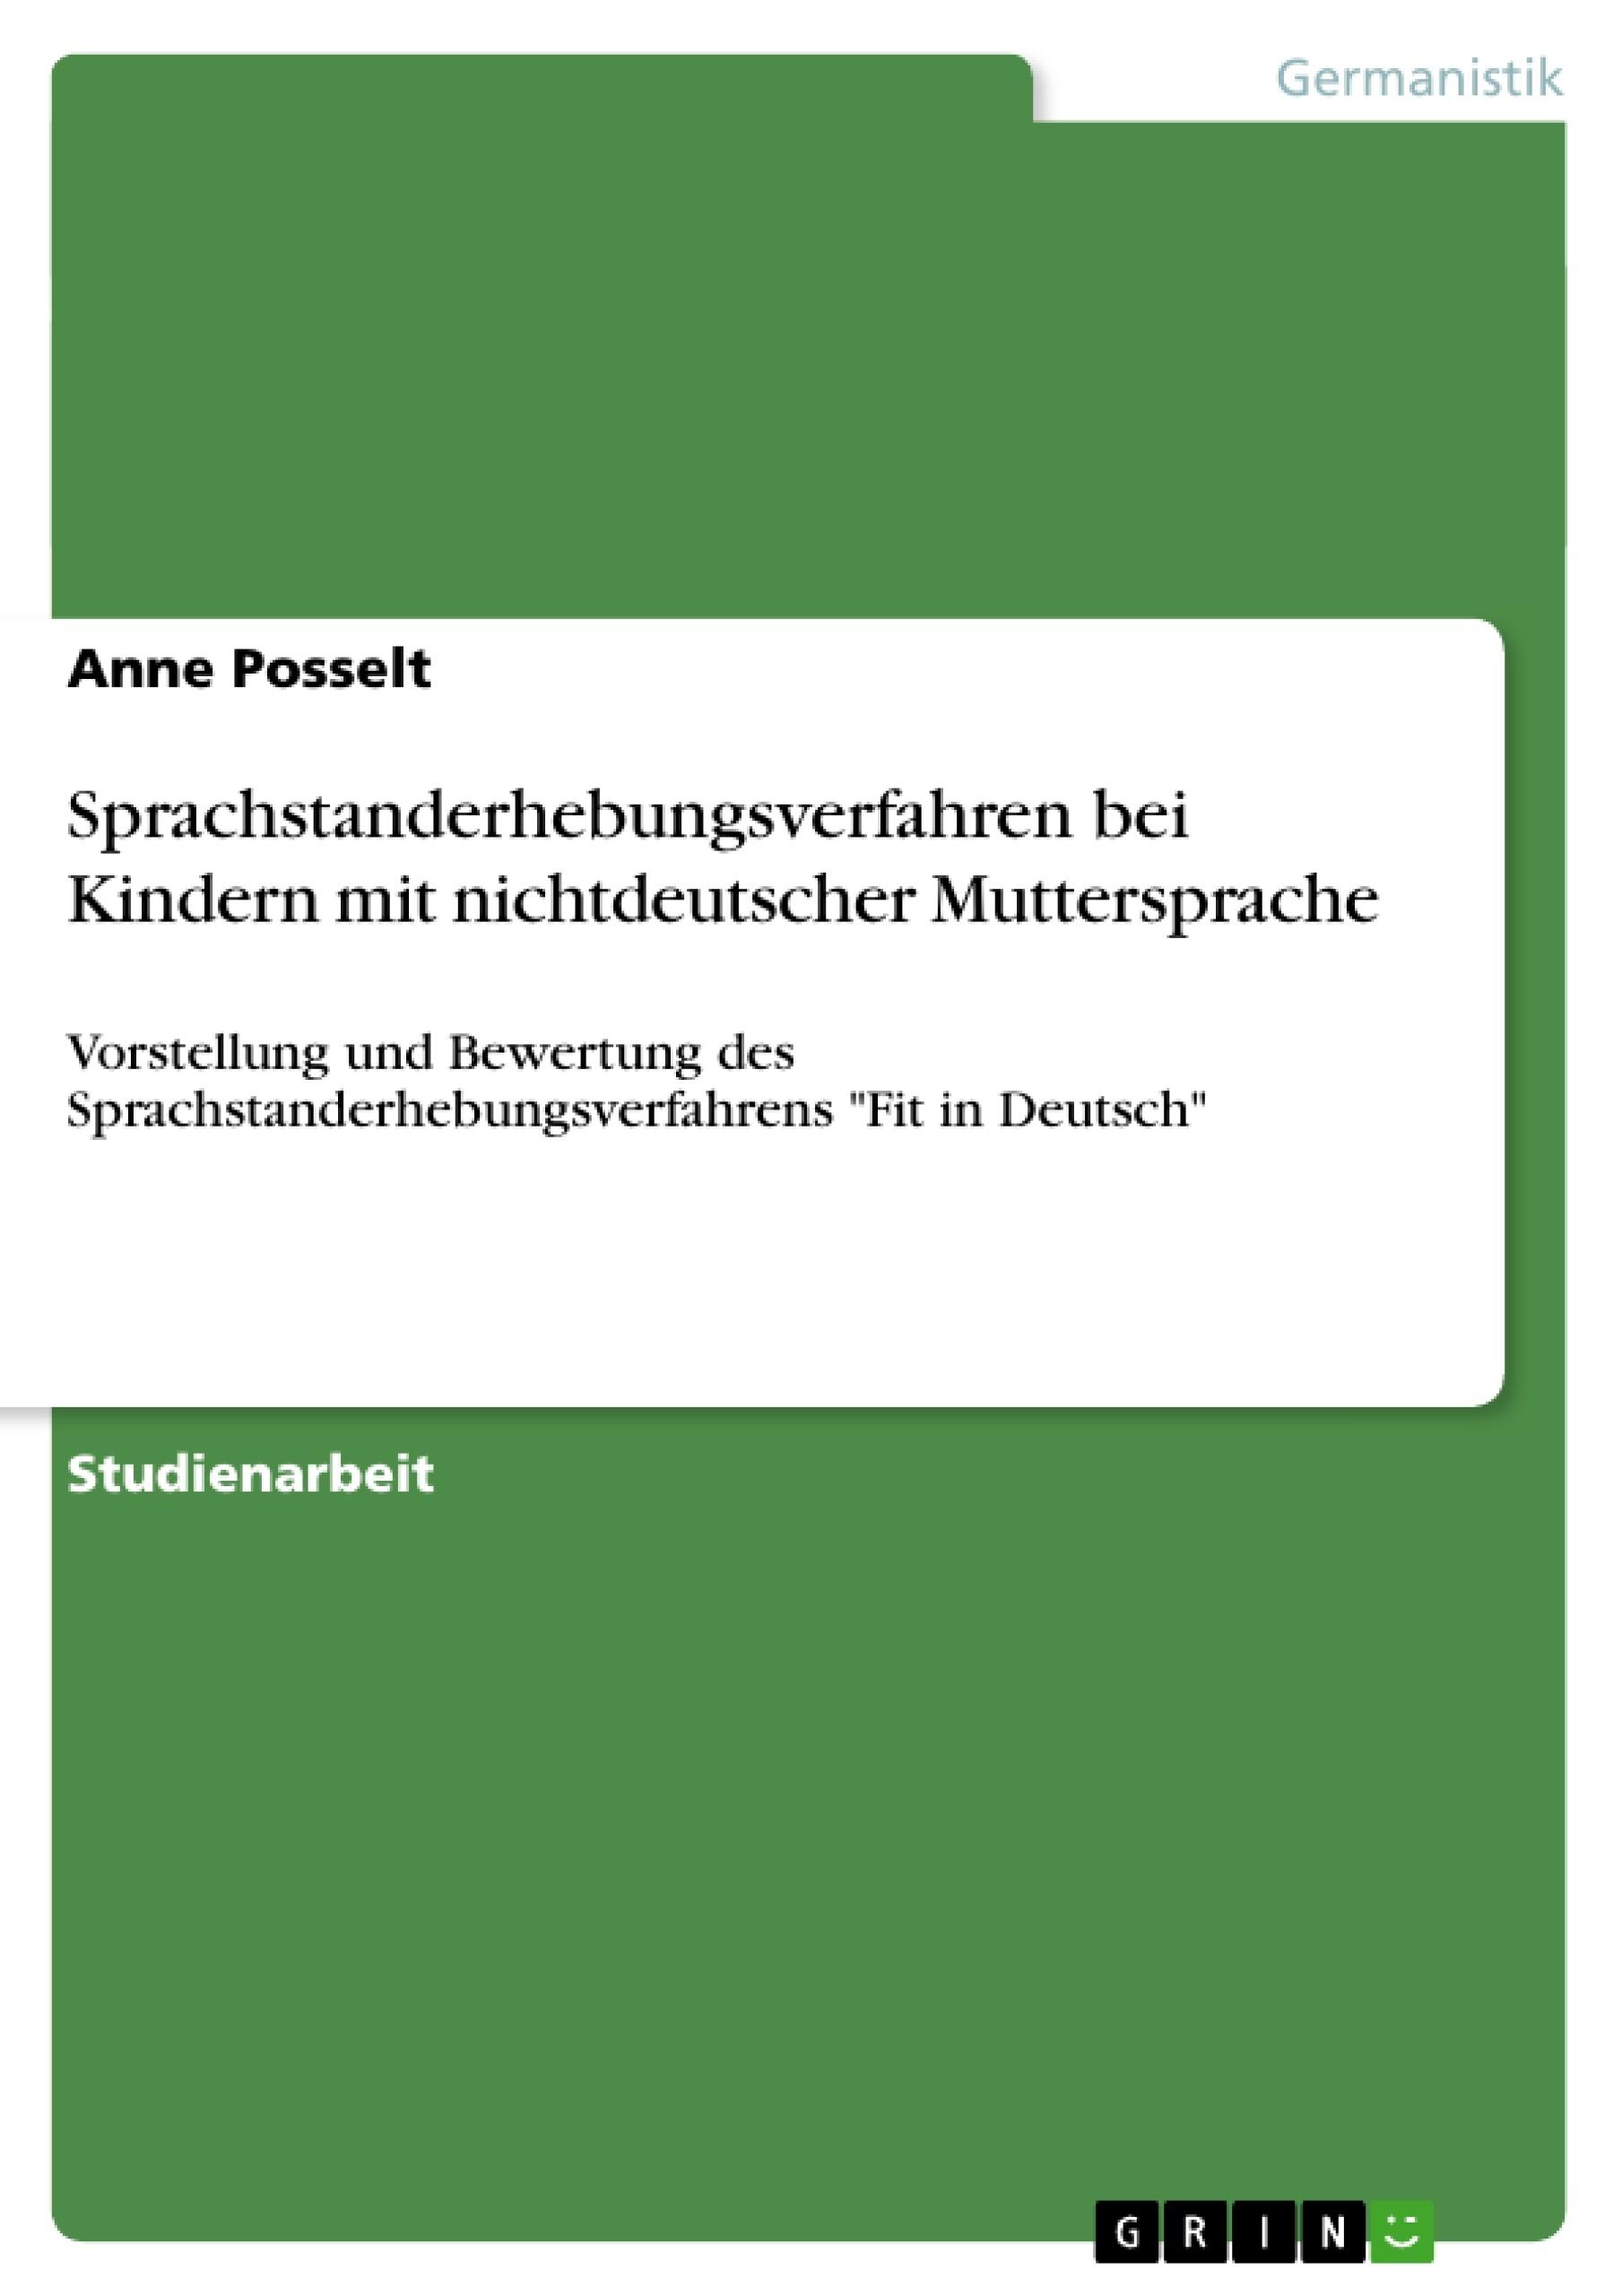 Titel: Sprachstanderhebungsverfahren bei Kindern mit nichtdeutscher Muttersprache